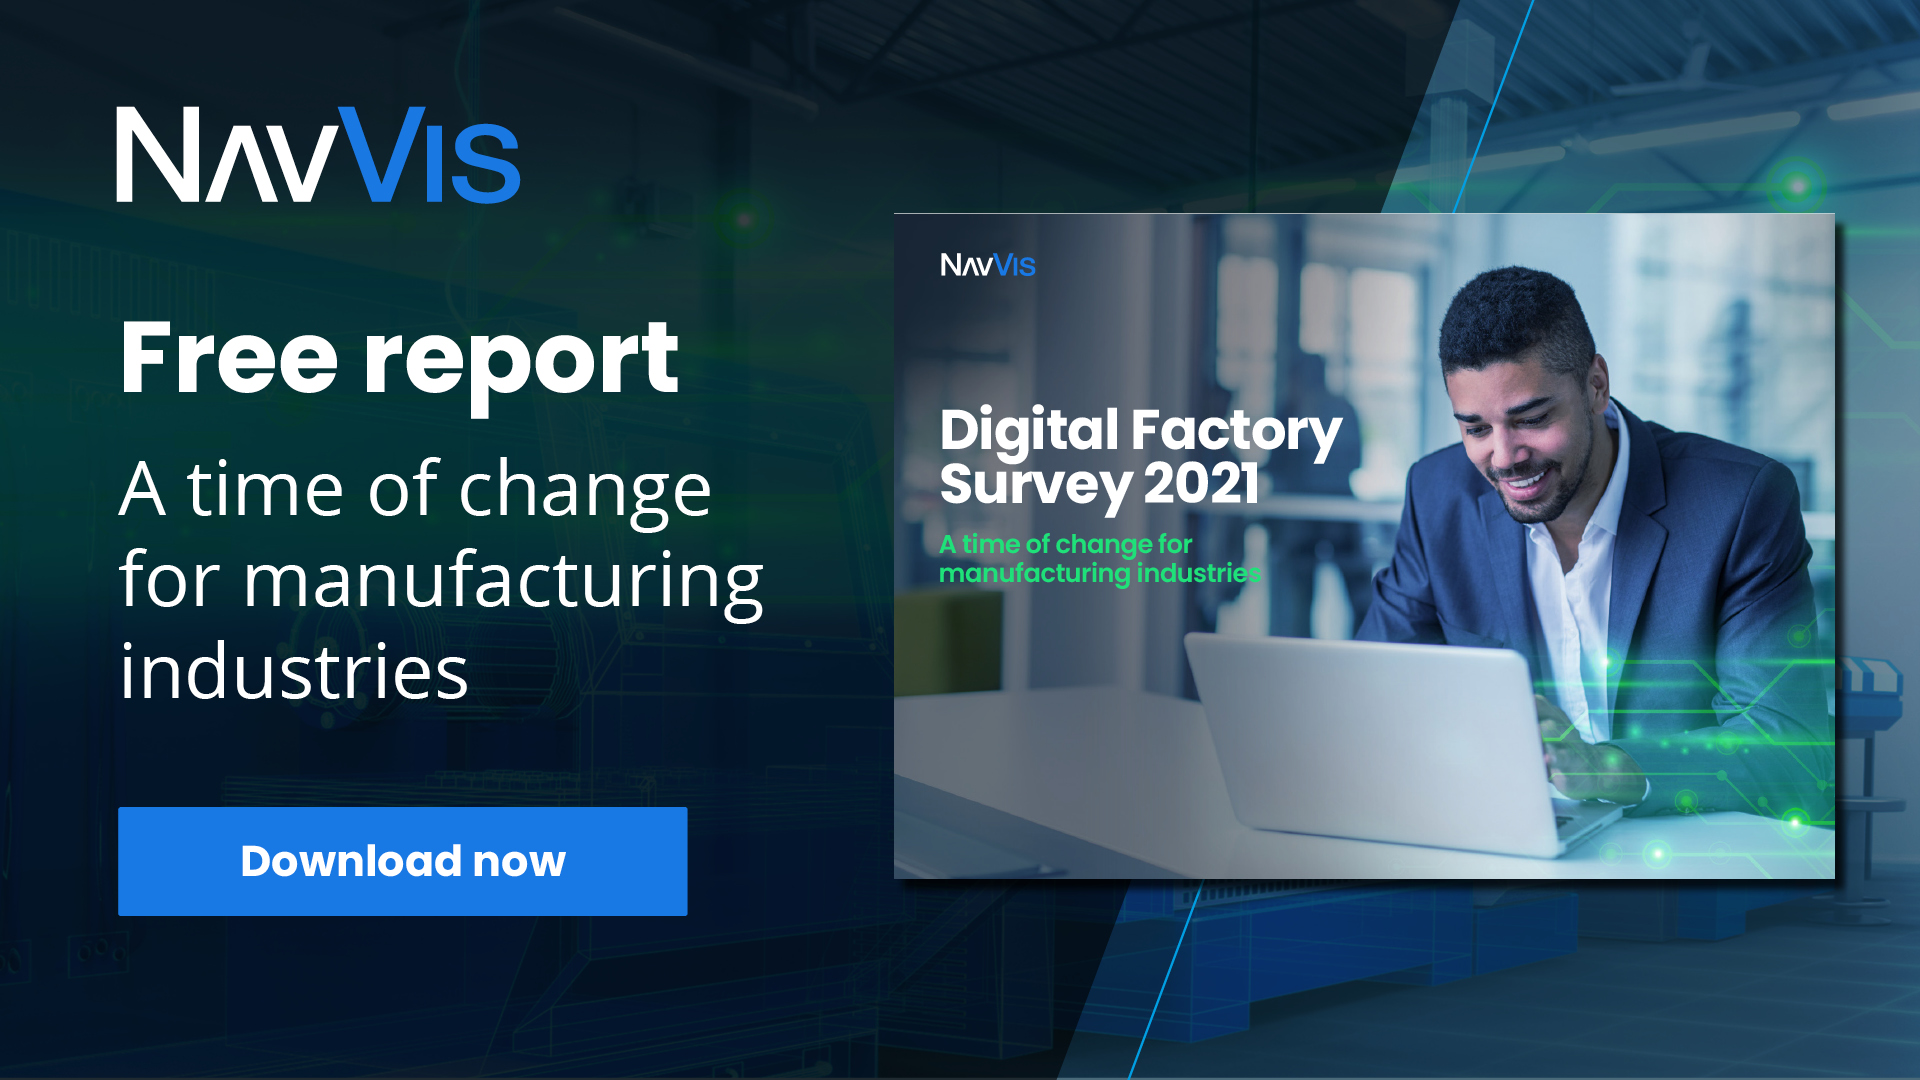 NavVis Digital Factory Report 2021